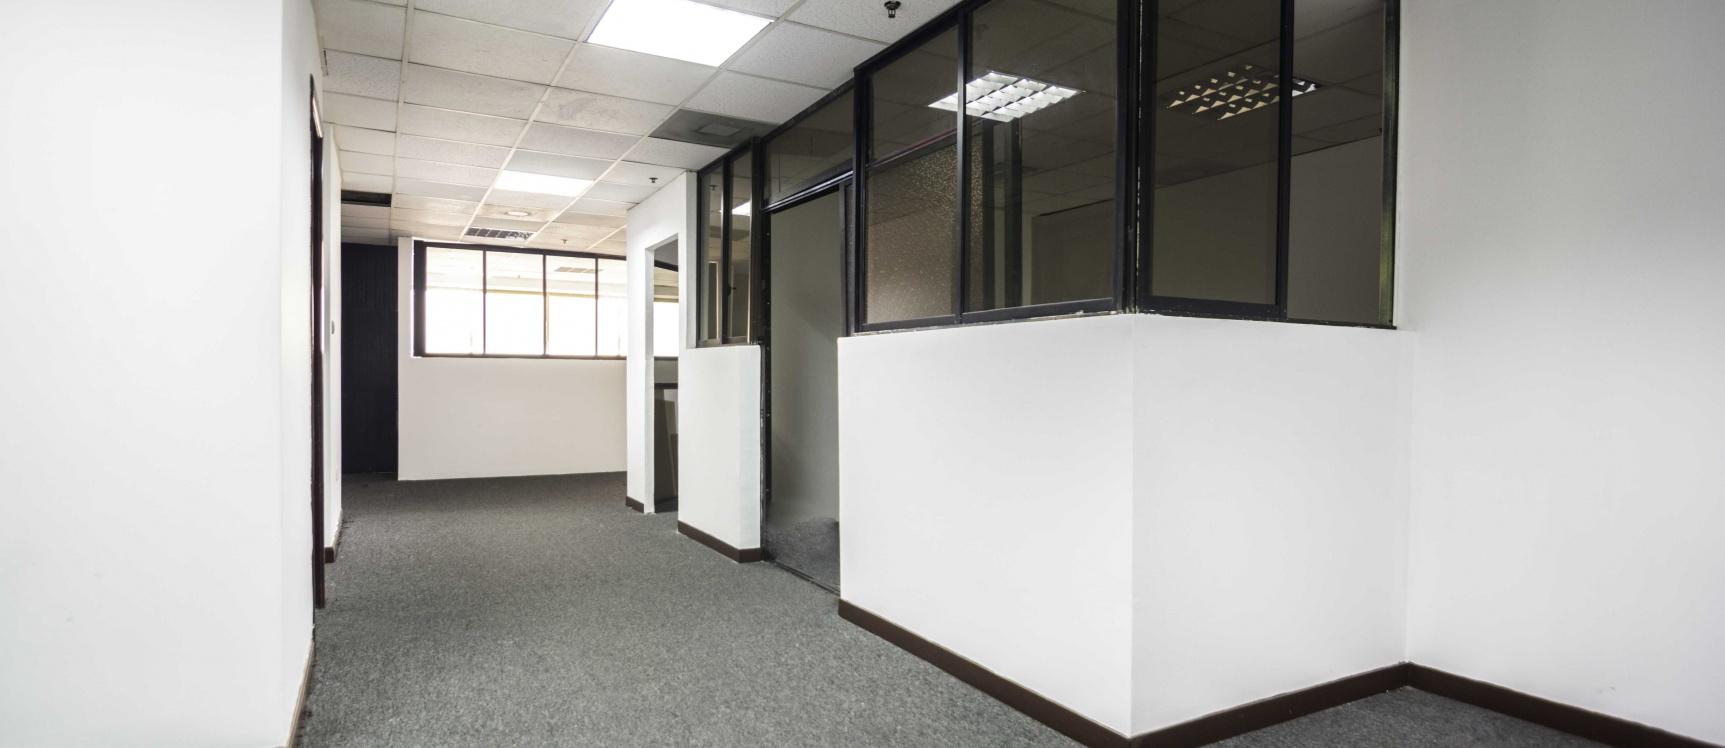 GeoBienes - Oficina en alquiler en La Previsora centro de Guayaquil - Plusvalia Guayaquil Casas de venta y alquiler Inmobiliaria Ecuador